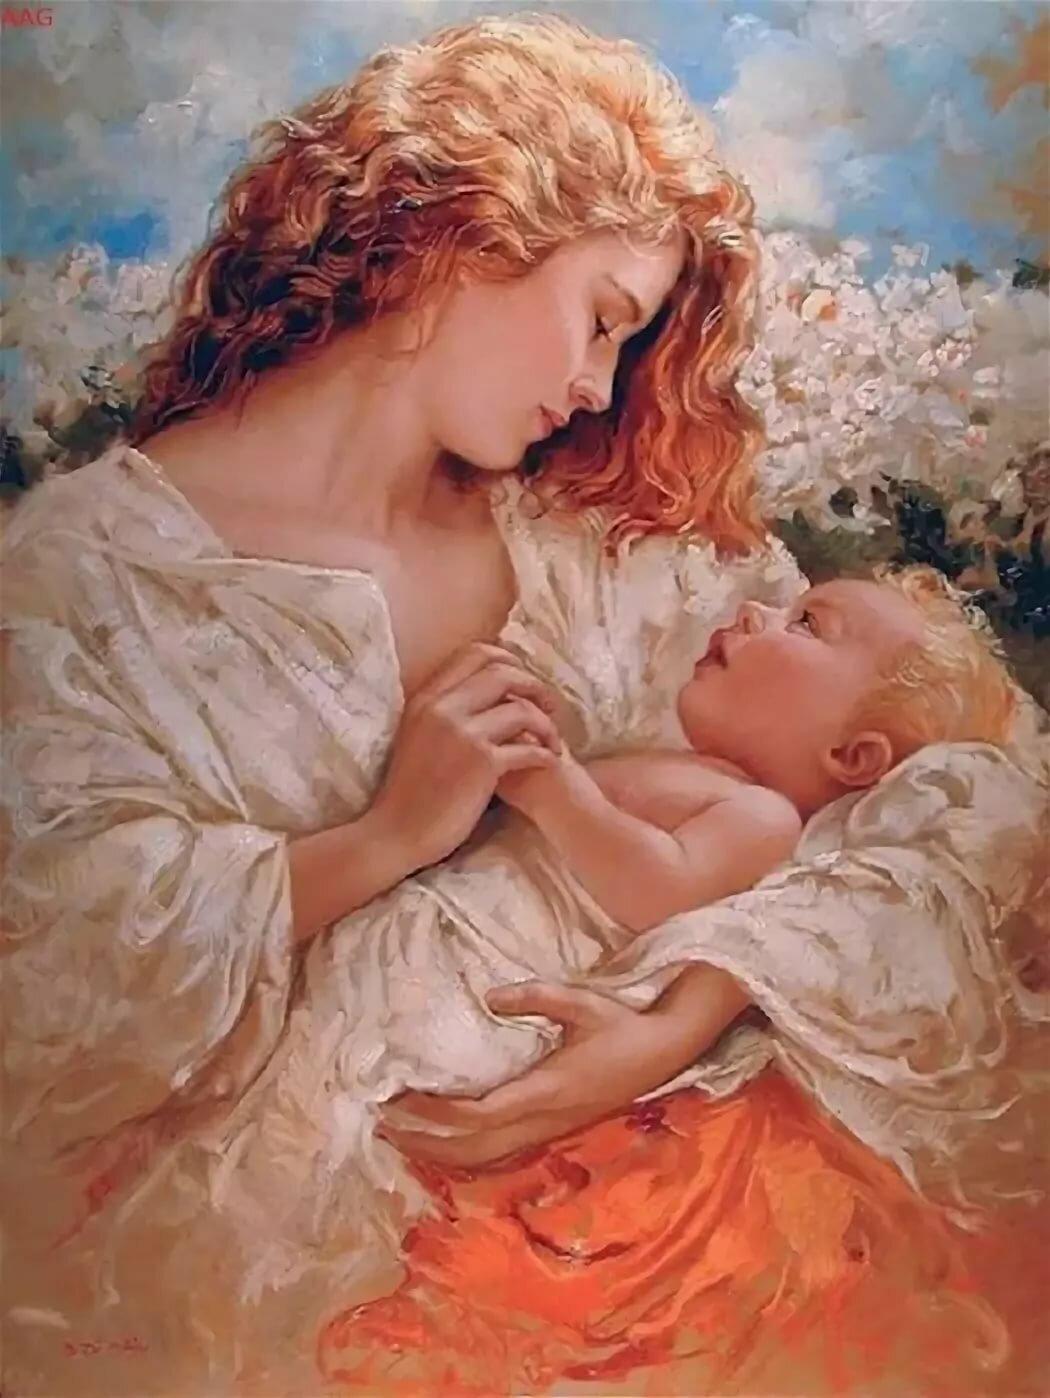 Днем рождения, мать и дитя картинки красивые